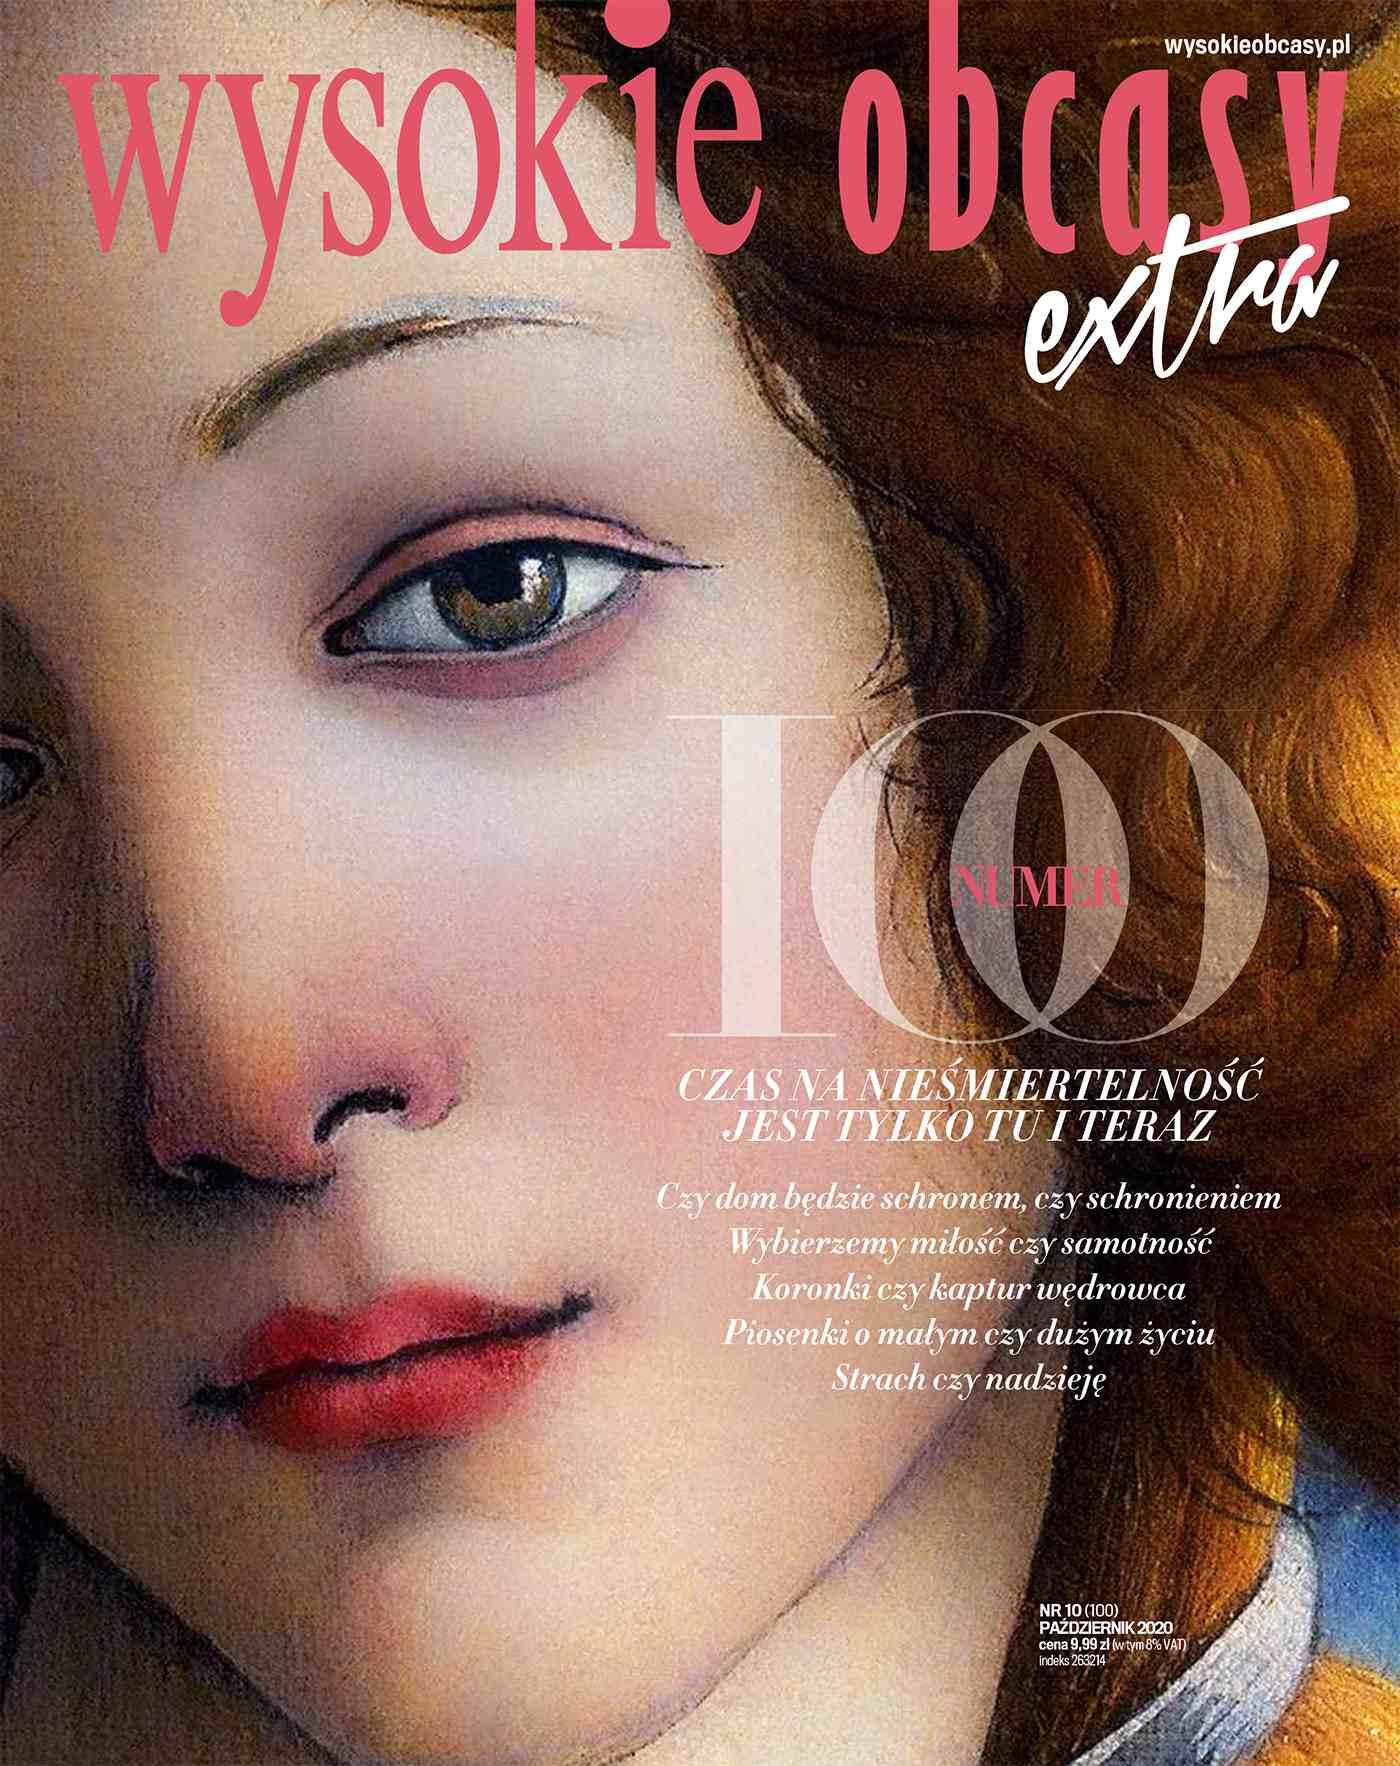 Wysokie Obcasy Extra 10/2020 - Ebook (Książka na Kindle) do pobrania w formacie MOBI